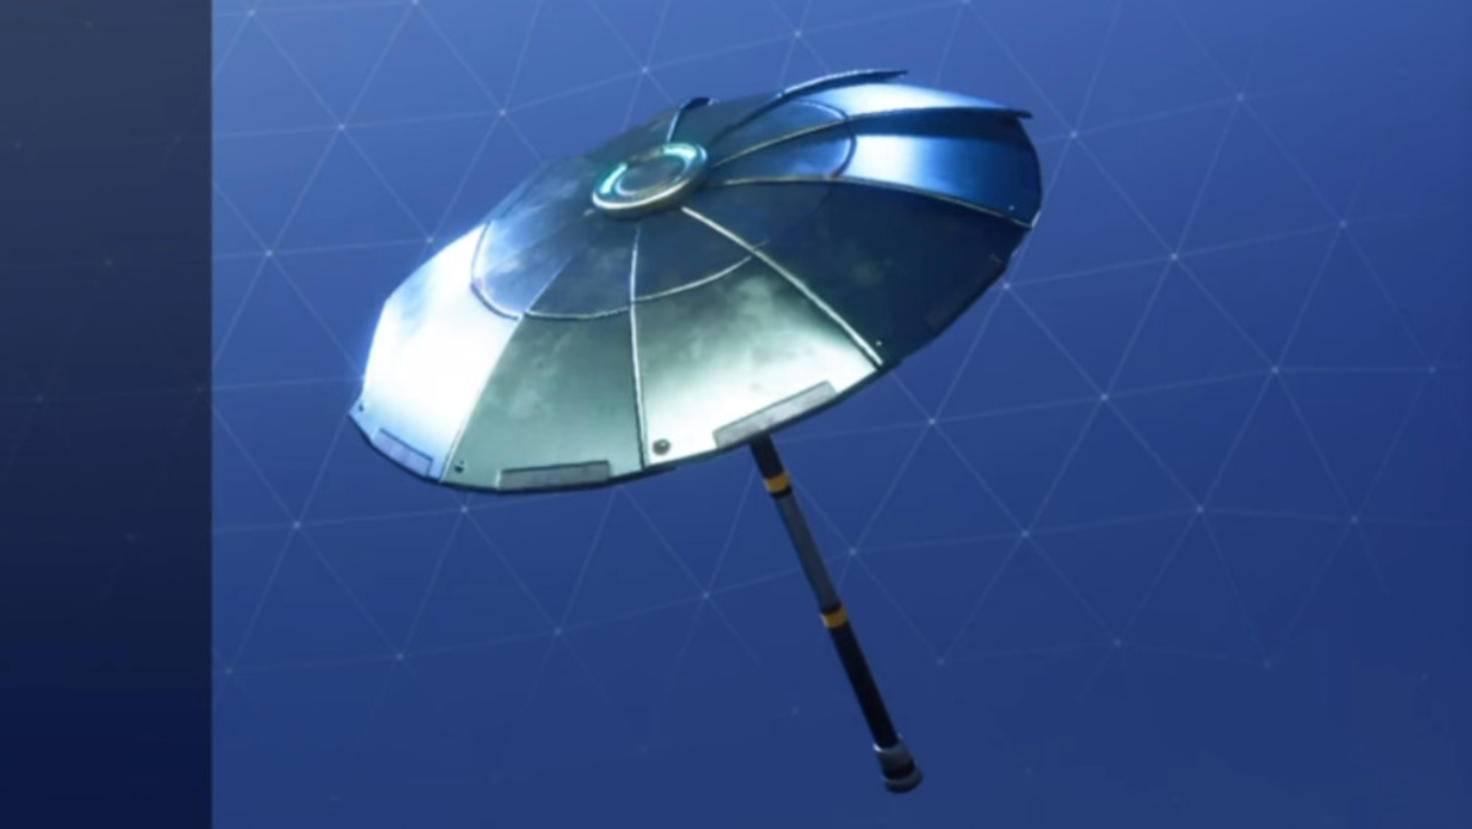 ... aber der schwarze Schirm ist ein guter Ersatz, für den nur ein Sieg notwendig ist.